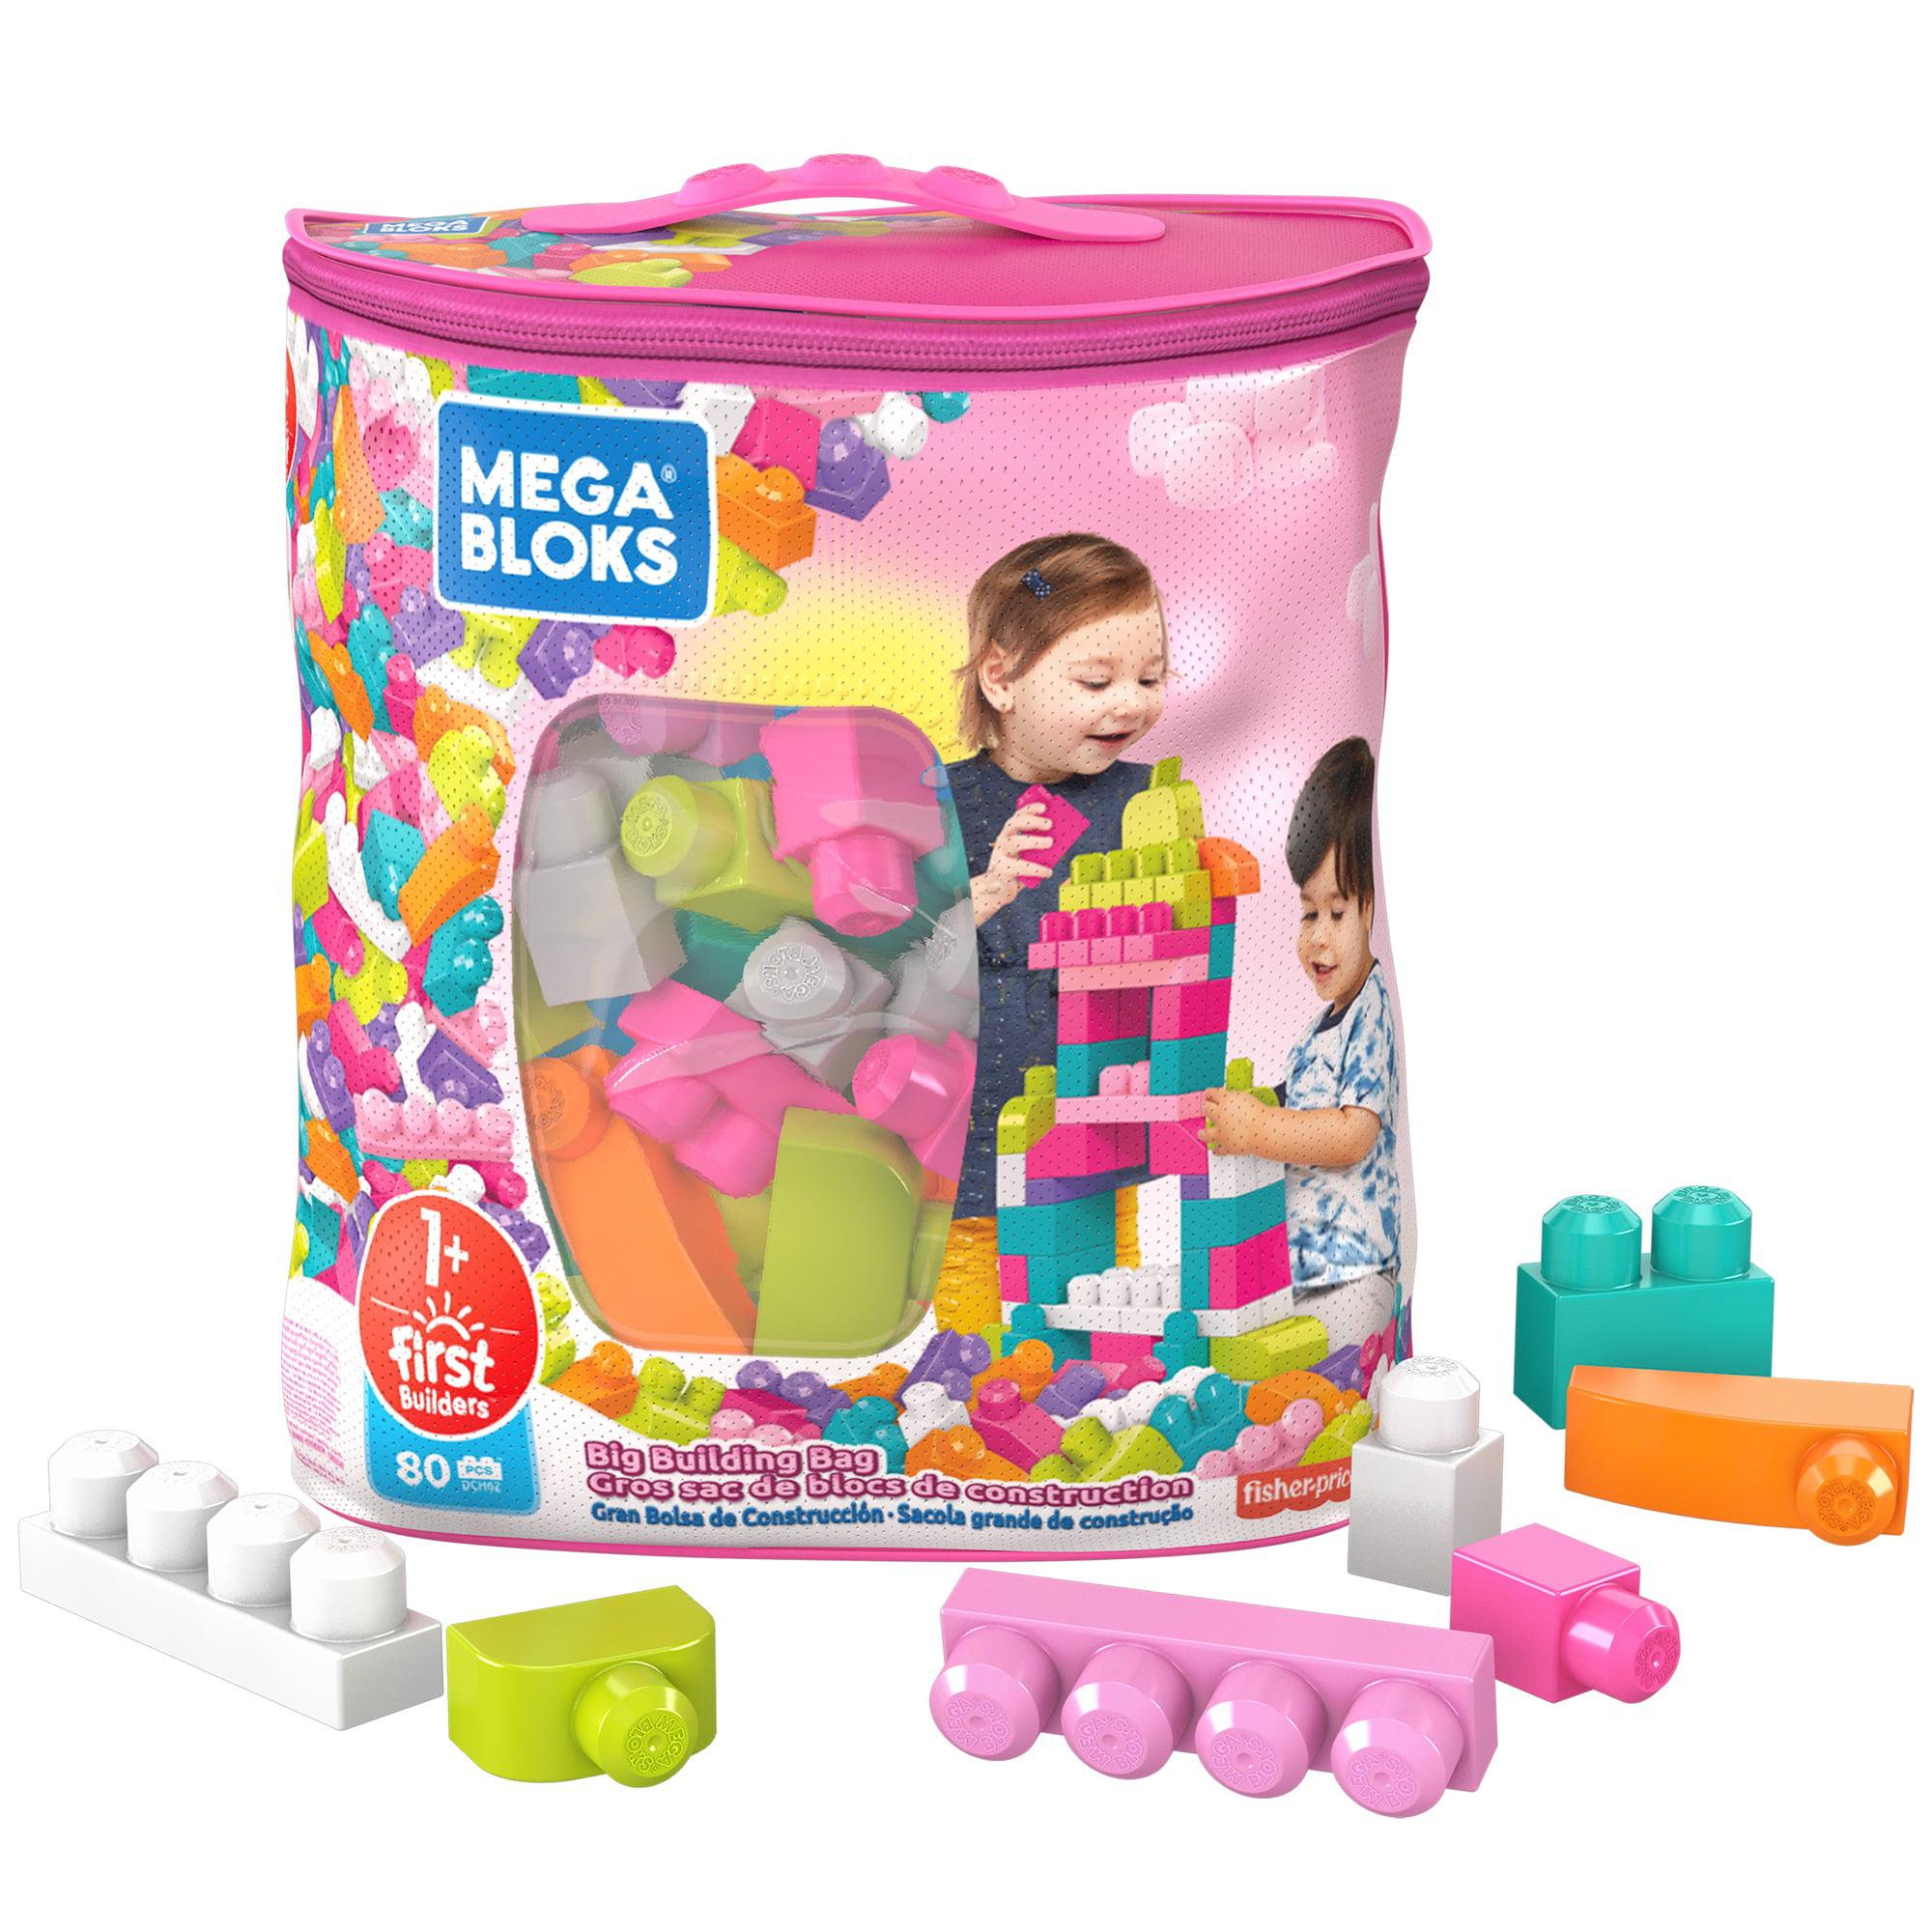 Mega Bloks First Builders Big Building Bag with Big Building Blocks, Building Toys for Toddlers (80 Pieces)